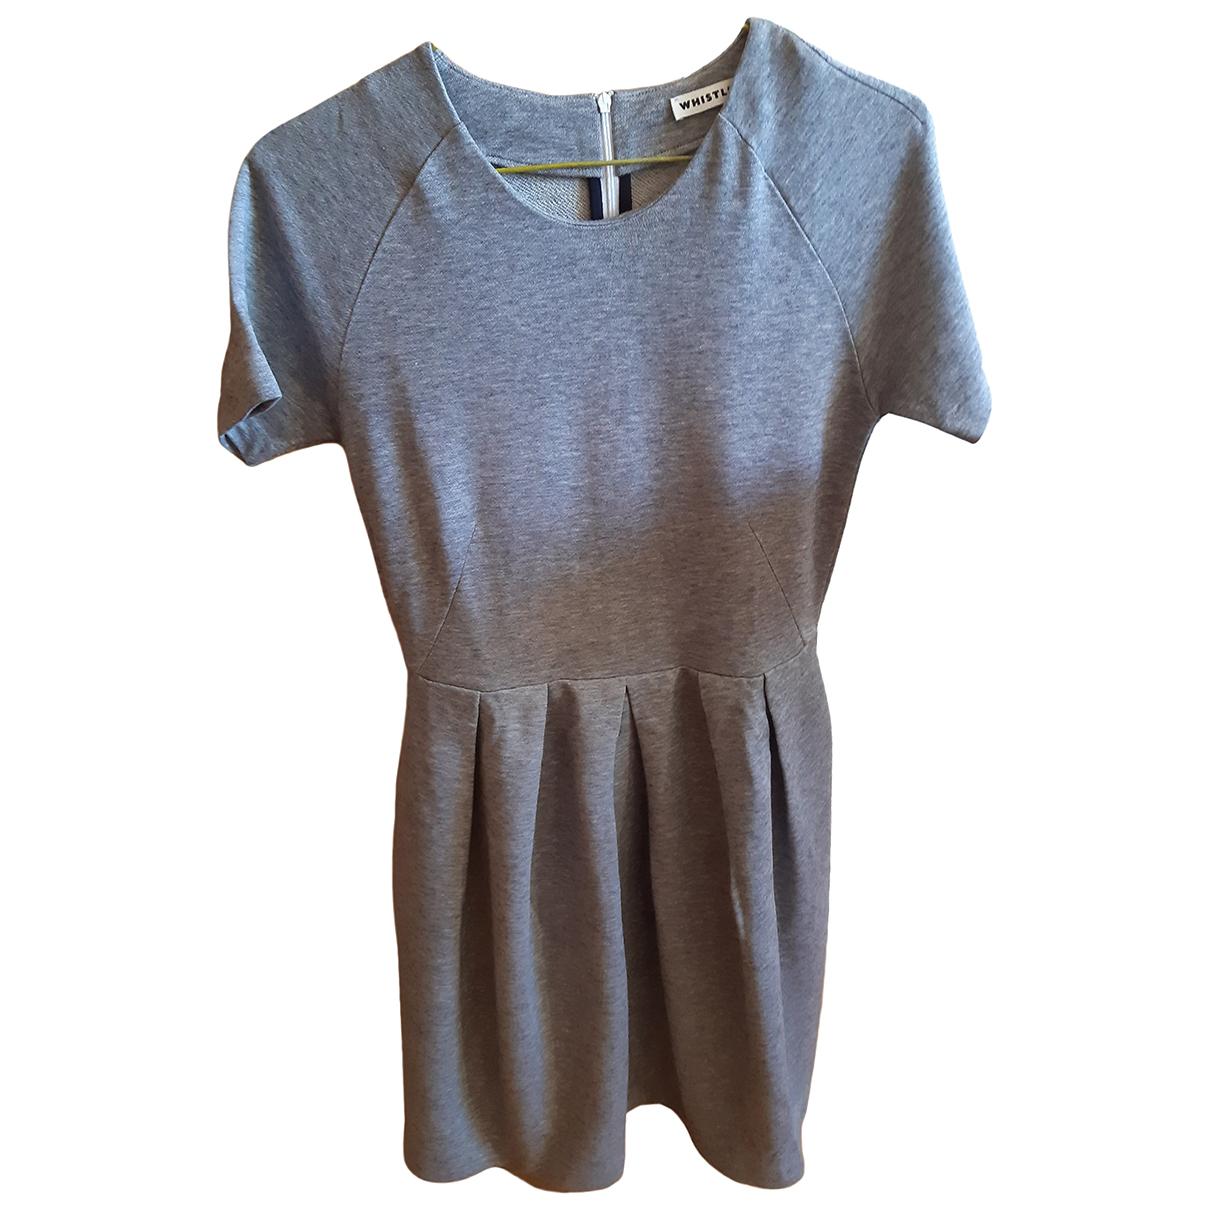 Whistles \N Kleid in  Grau Baumwolle